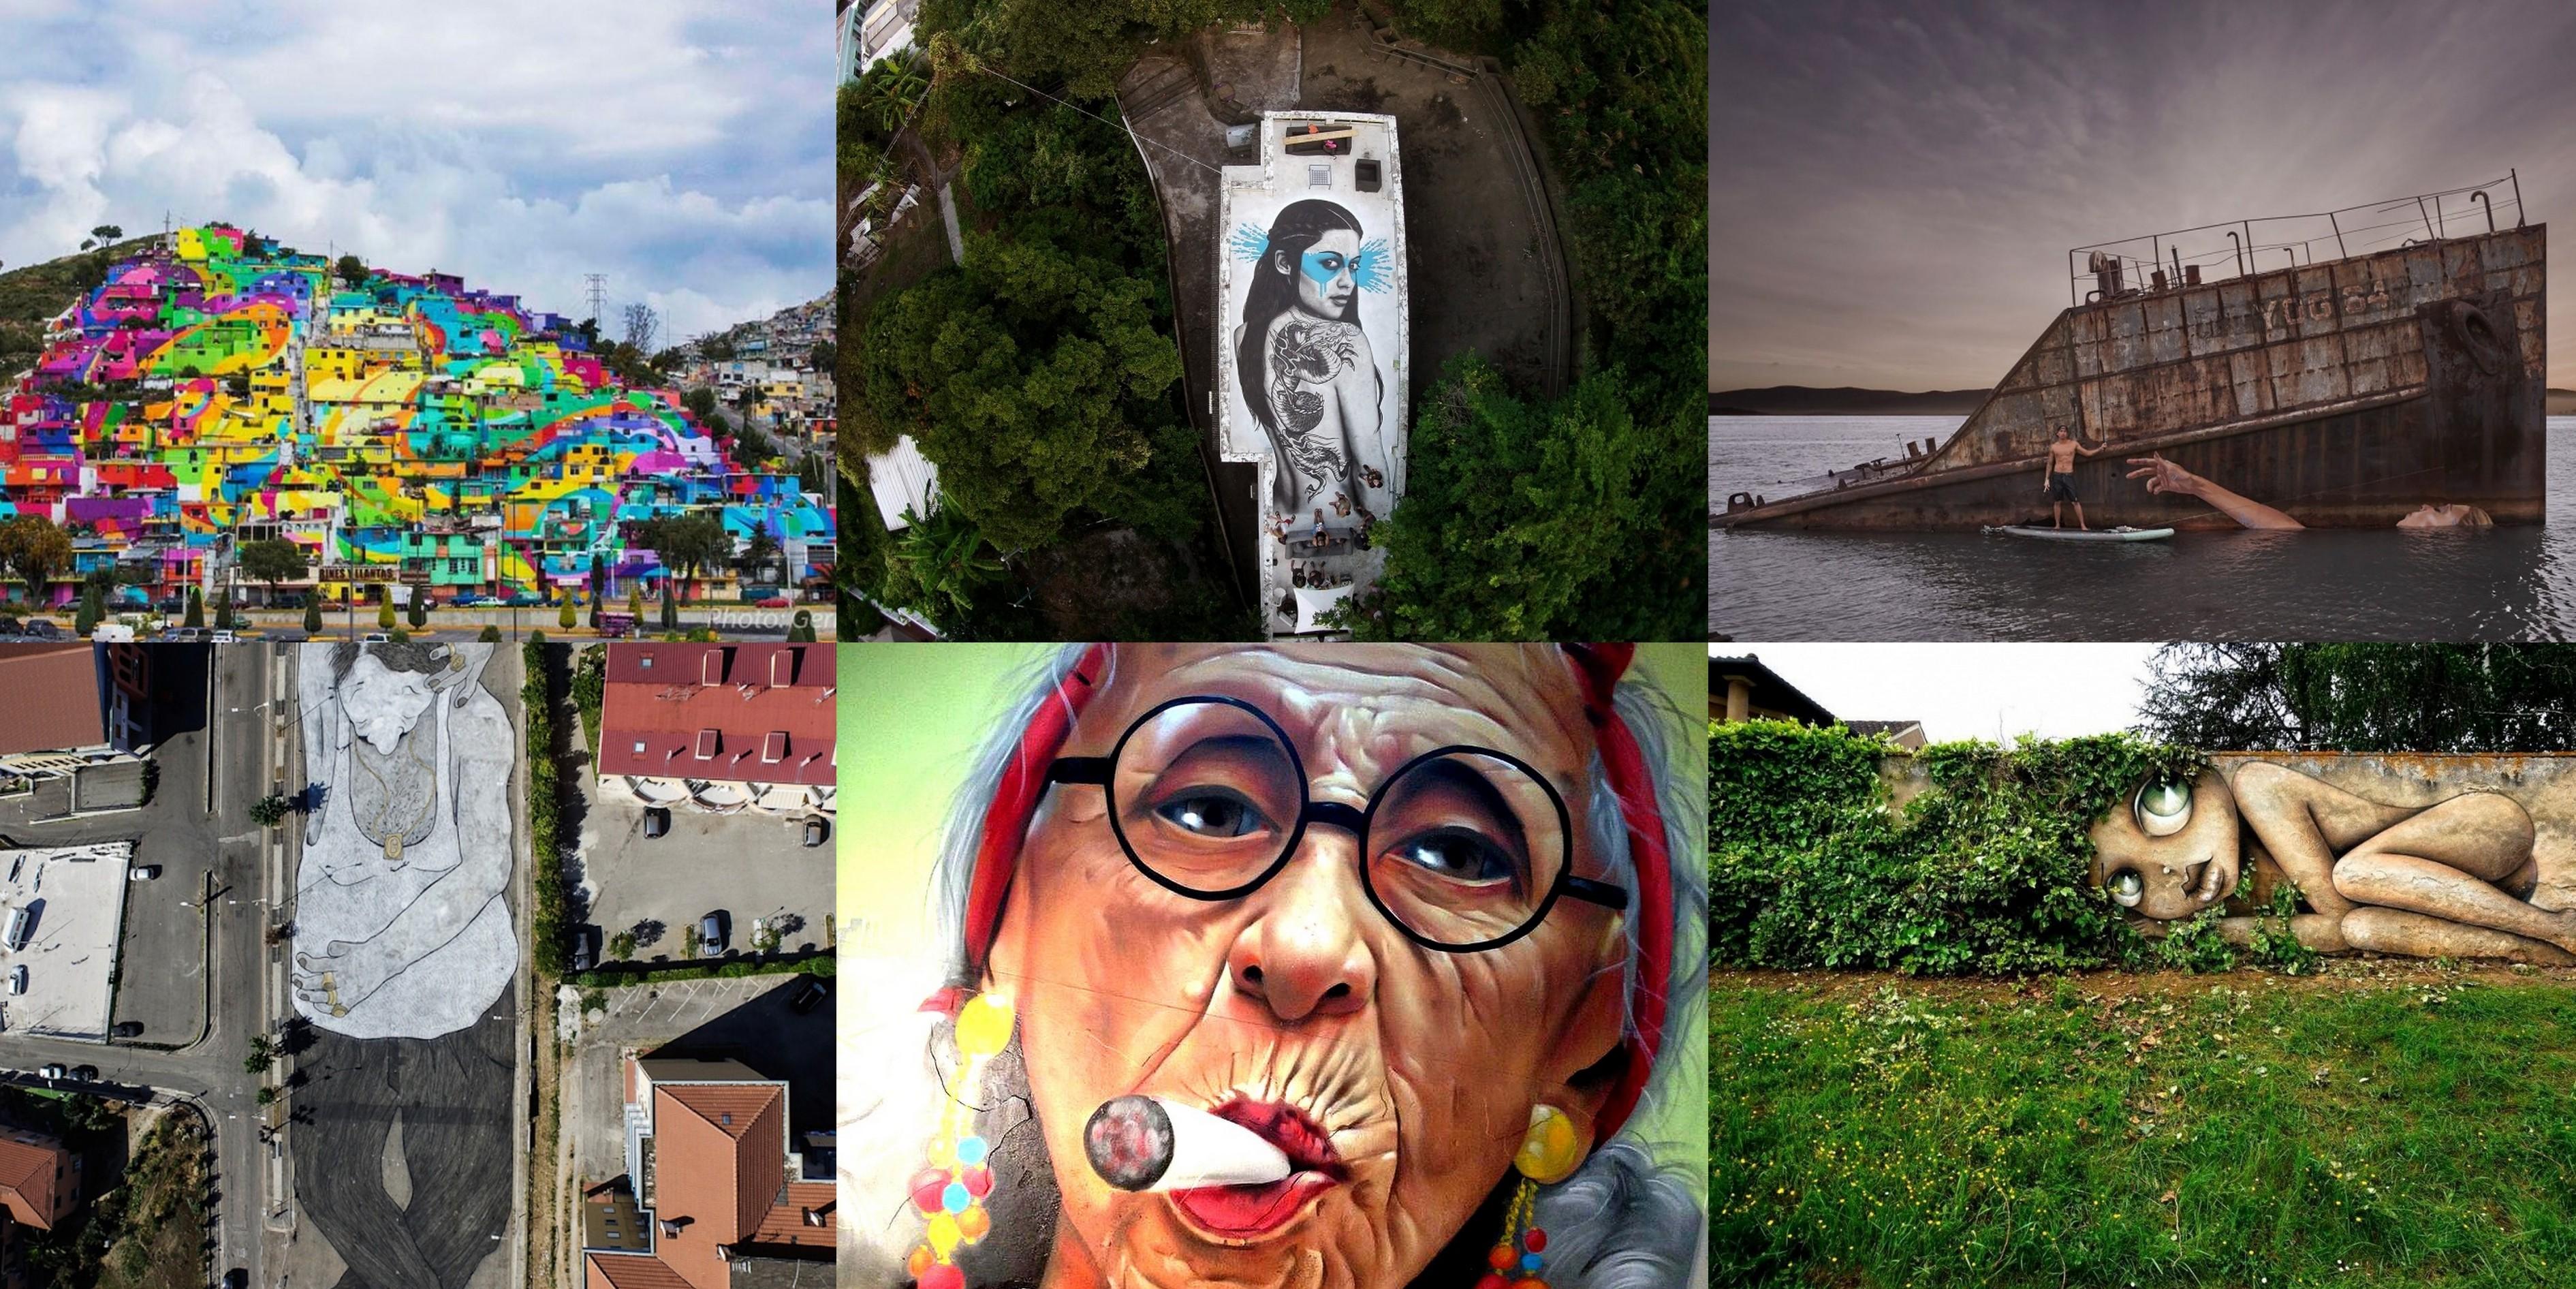 Τα 20 πιο εντυπωσιακά graffiti σε όλο τον κόσμο